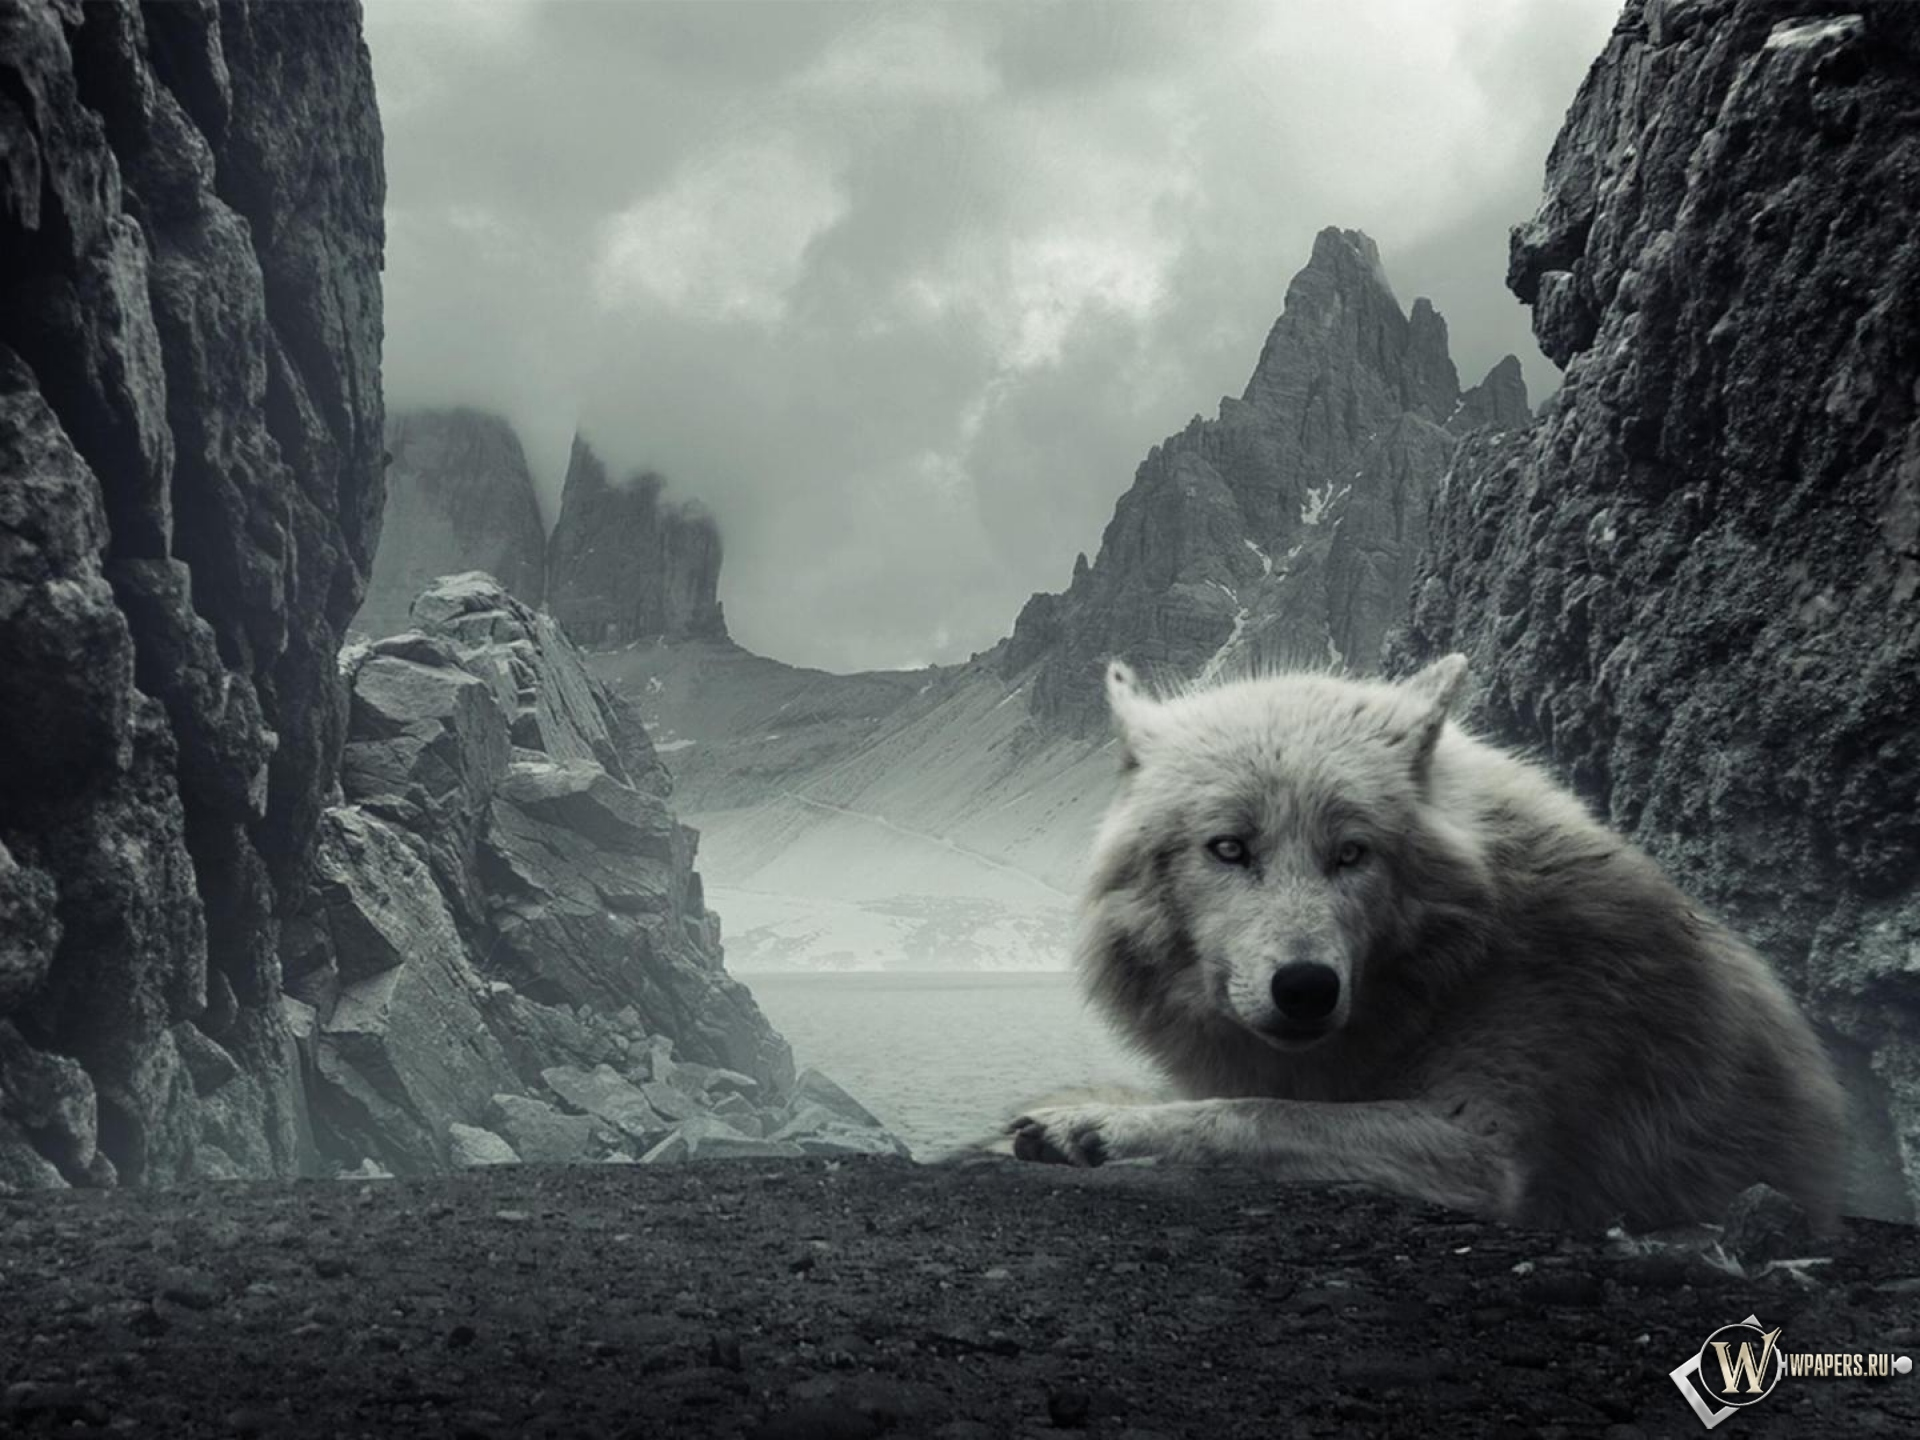 ... волк Горы, Волк, Белый на рабочий стол: wpapers.ru/wallpapers/animals/Wolfs/15269/1920-1440_%C3%83%C2%90%C3...